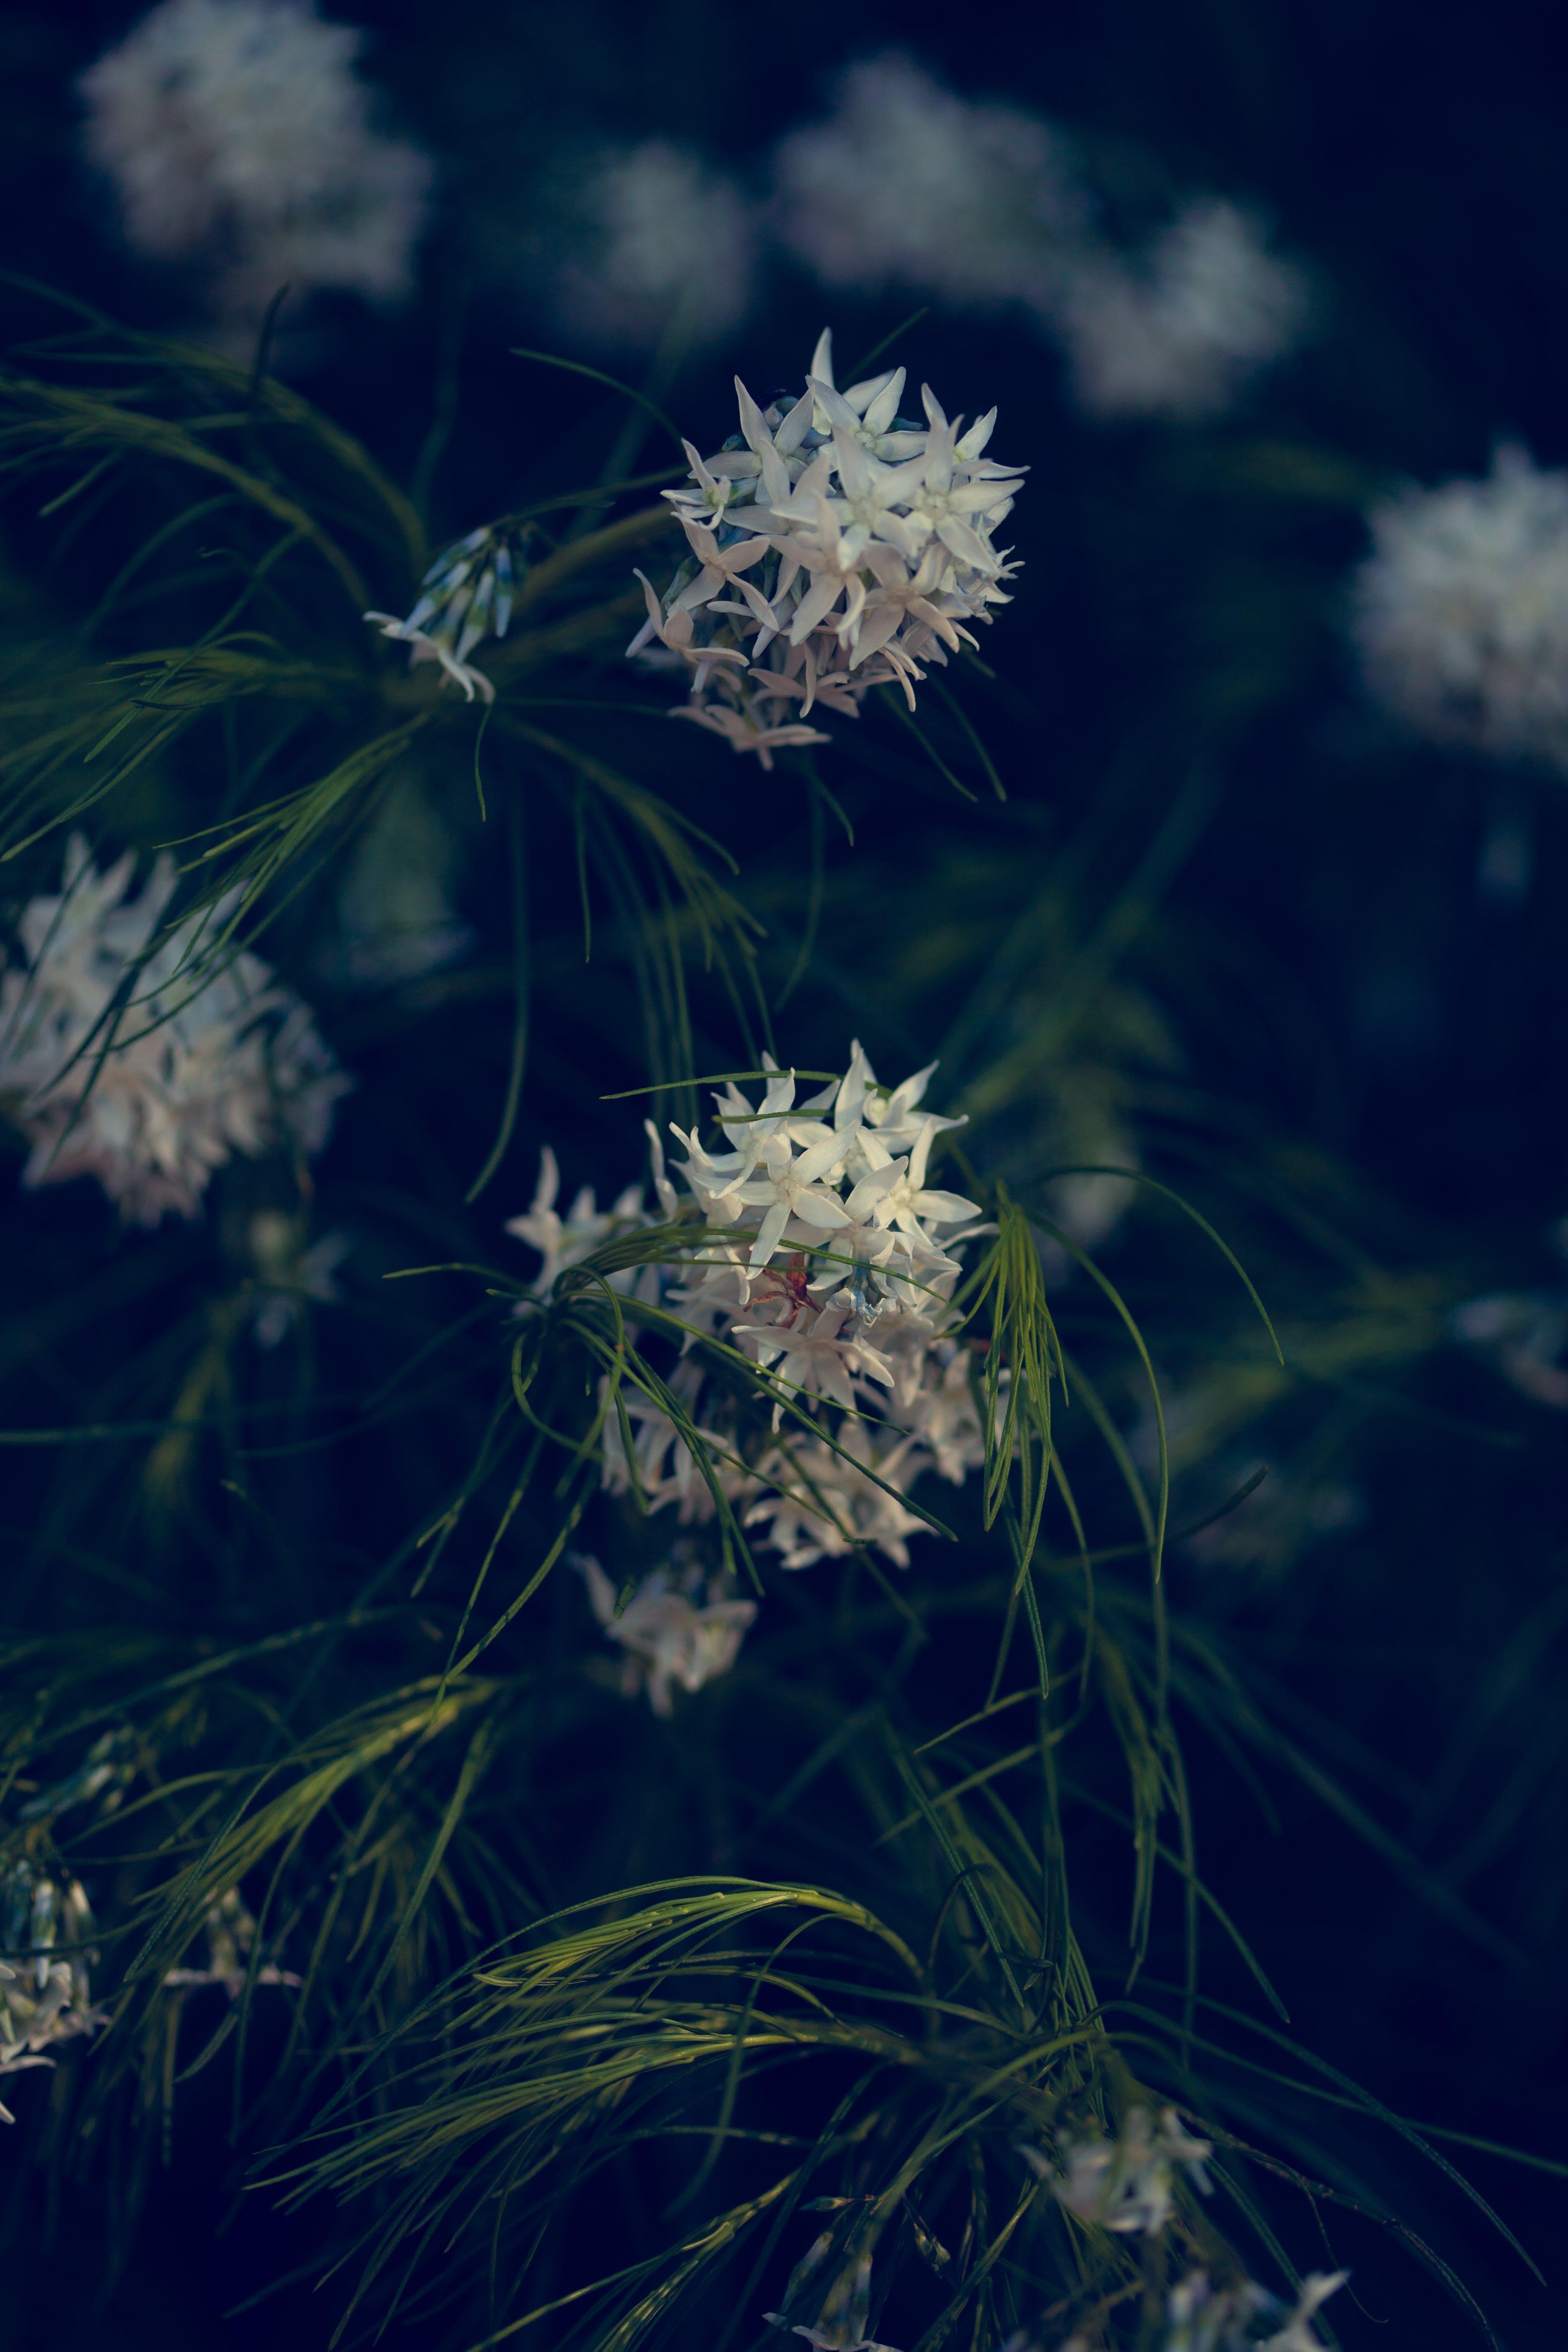 Immagine gratuita di azzurro, fiori, gree, morbido